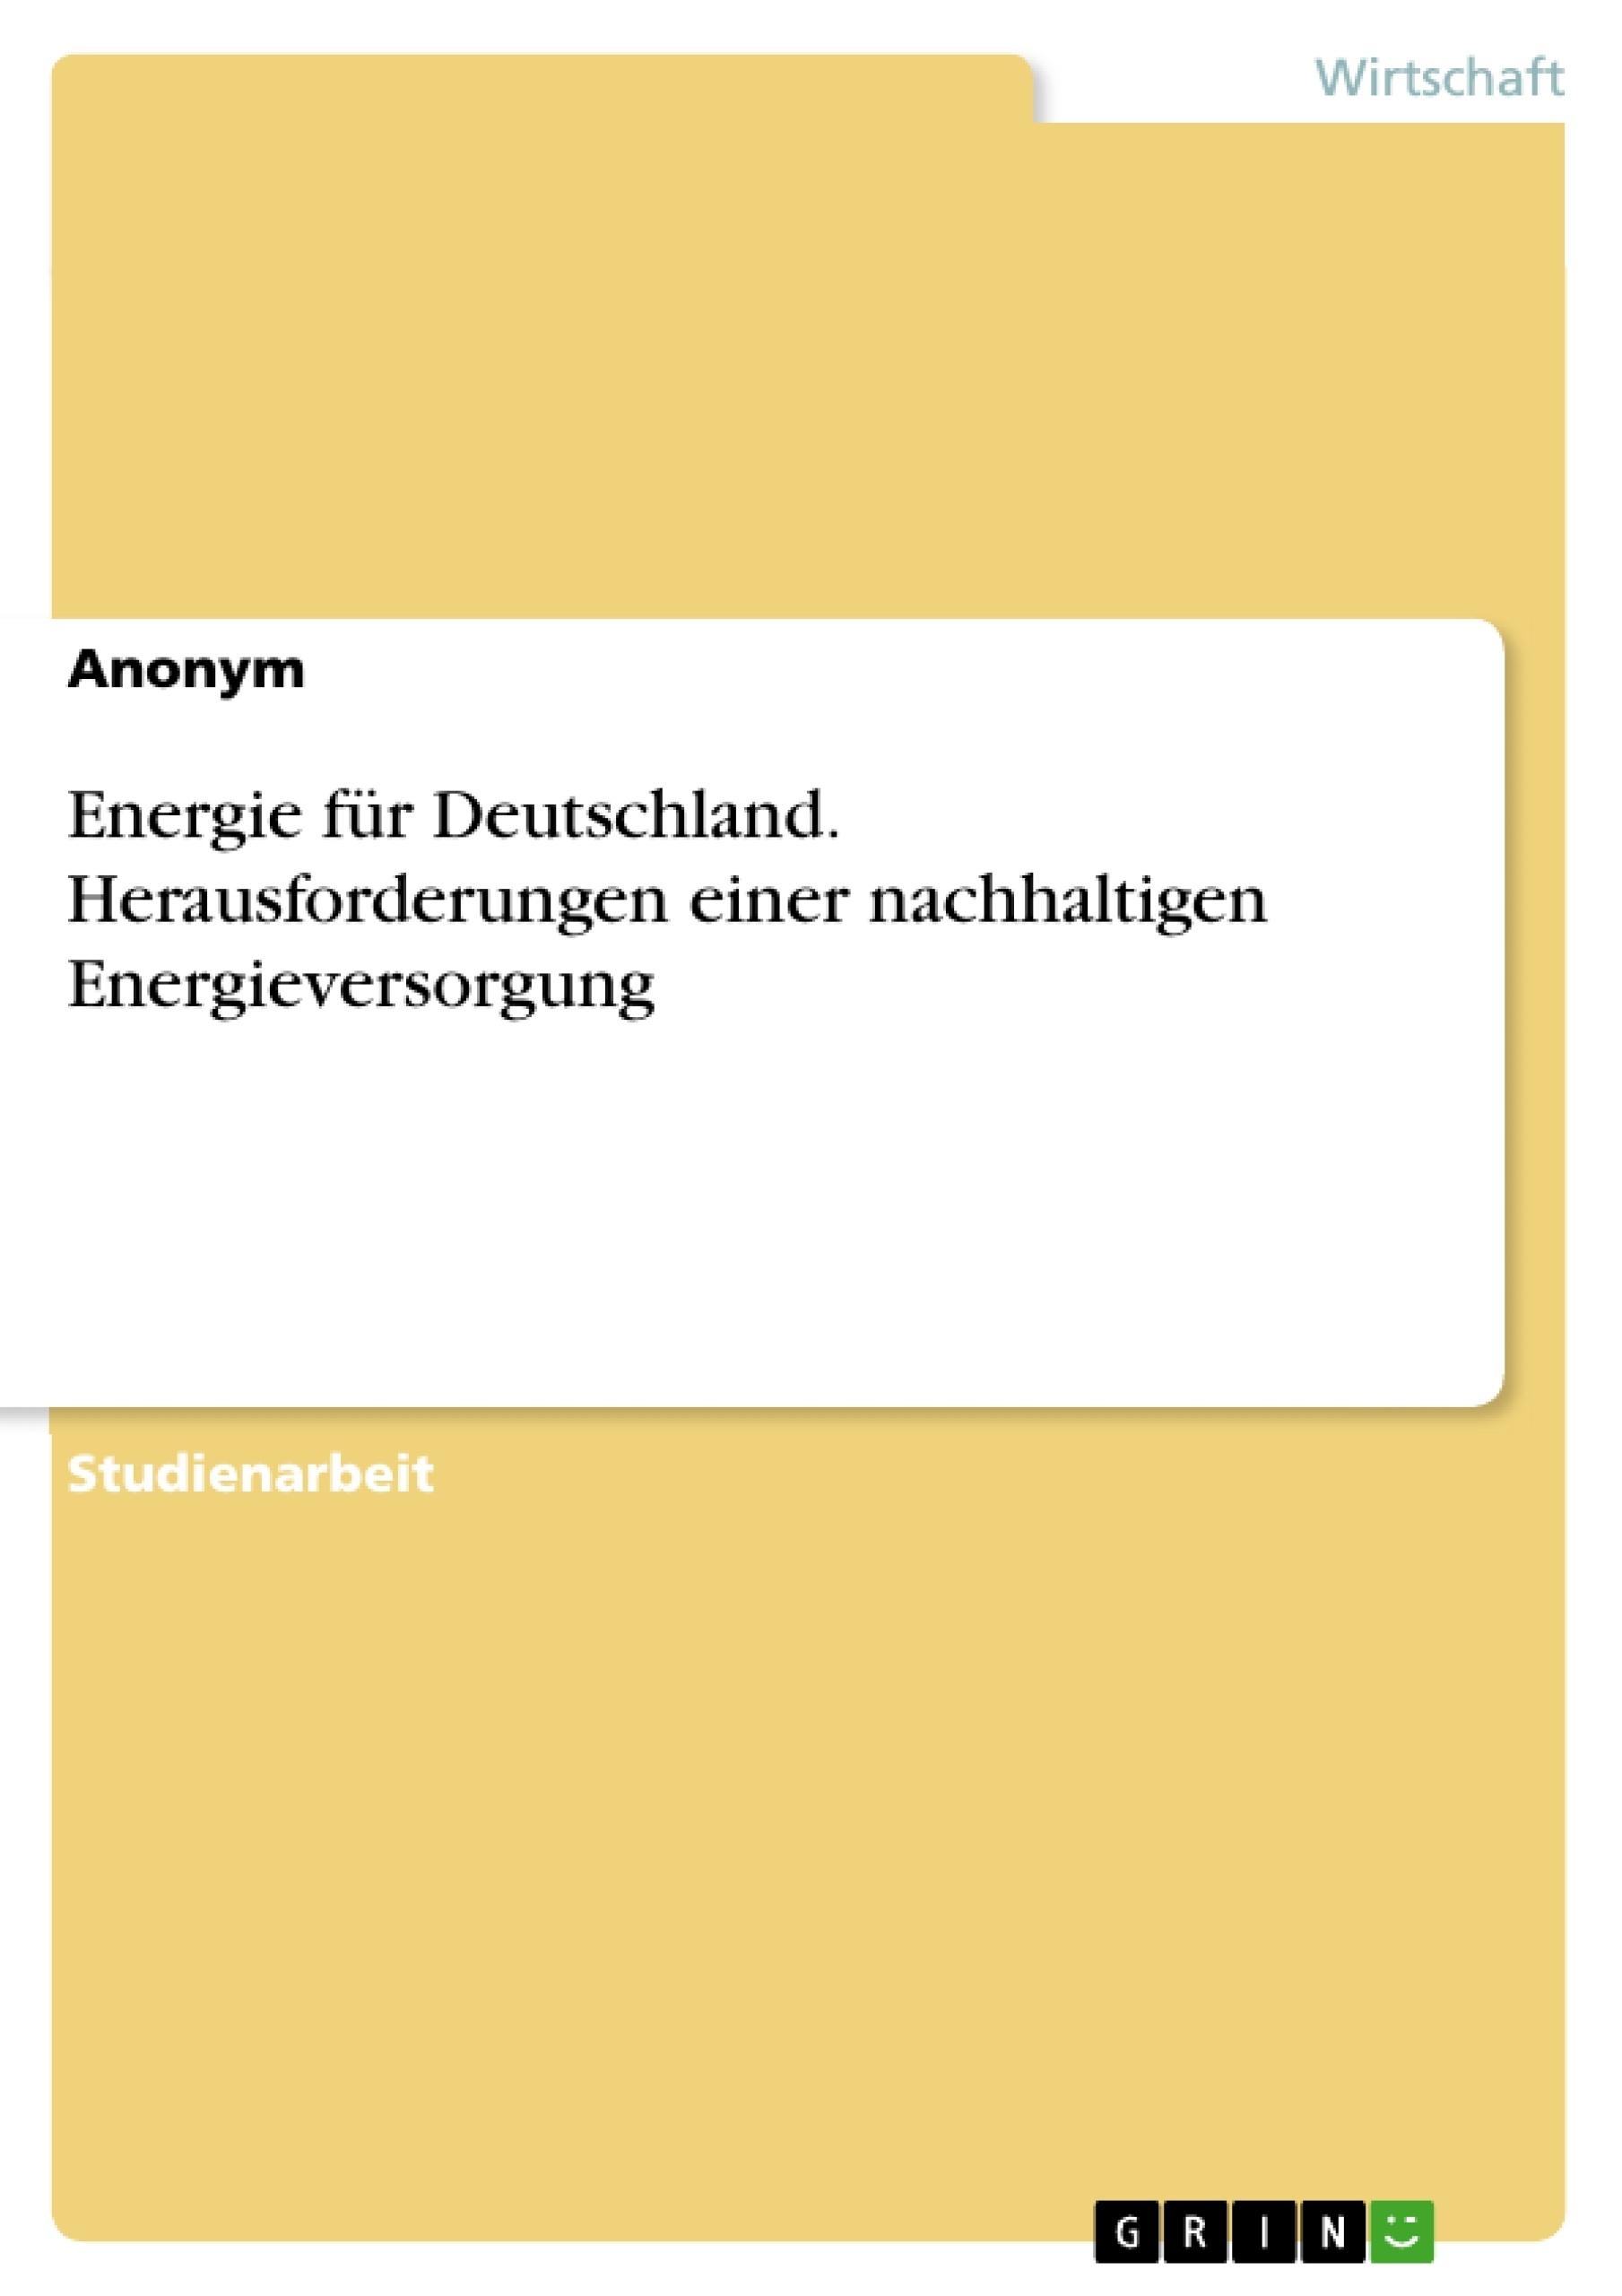 Titel: Energie für Deutschland. Herausforderungen einer nachhaltigen Energieversorgung